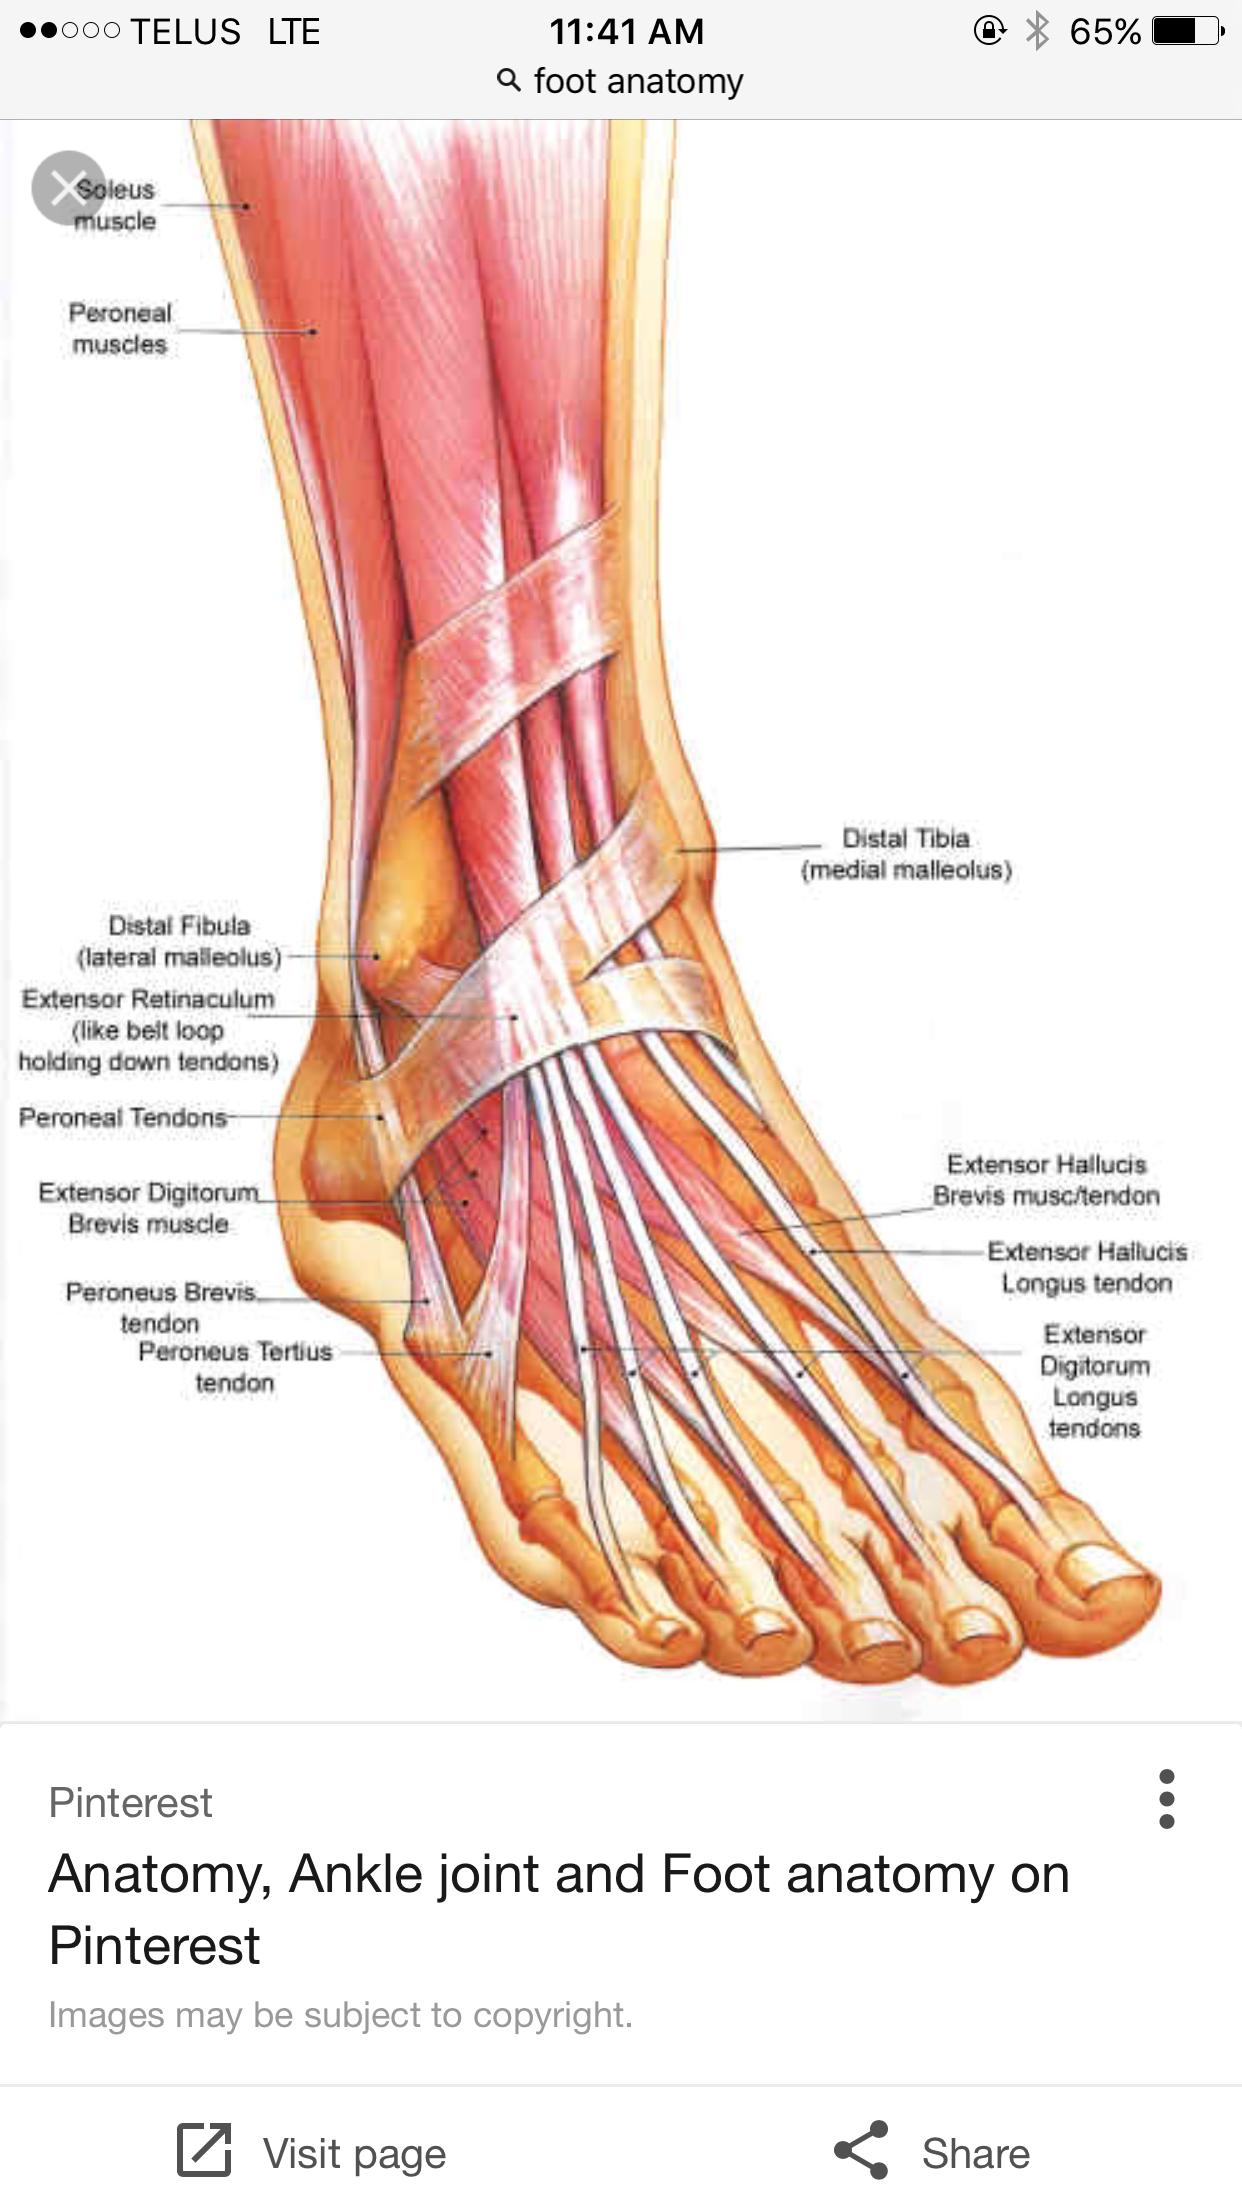 medium resolution of myndani ursta a fyrir latin words for nerves in feet anatomy